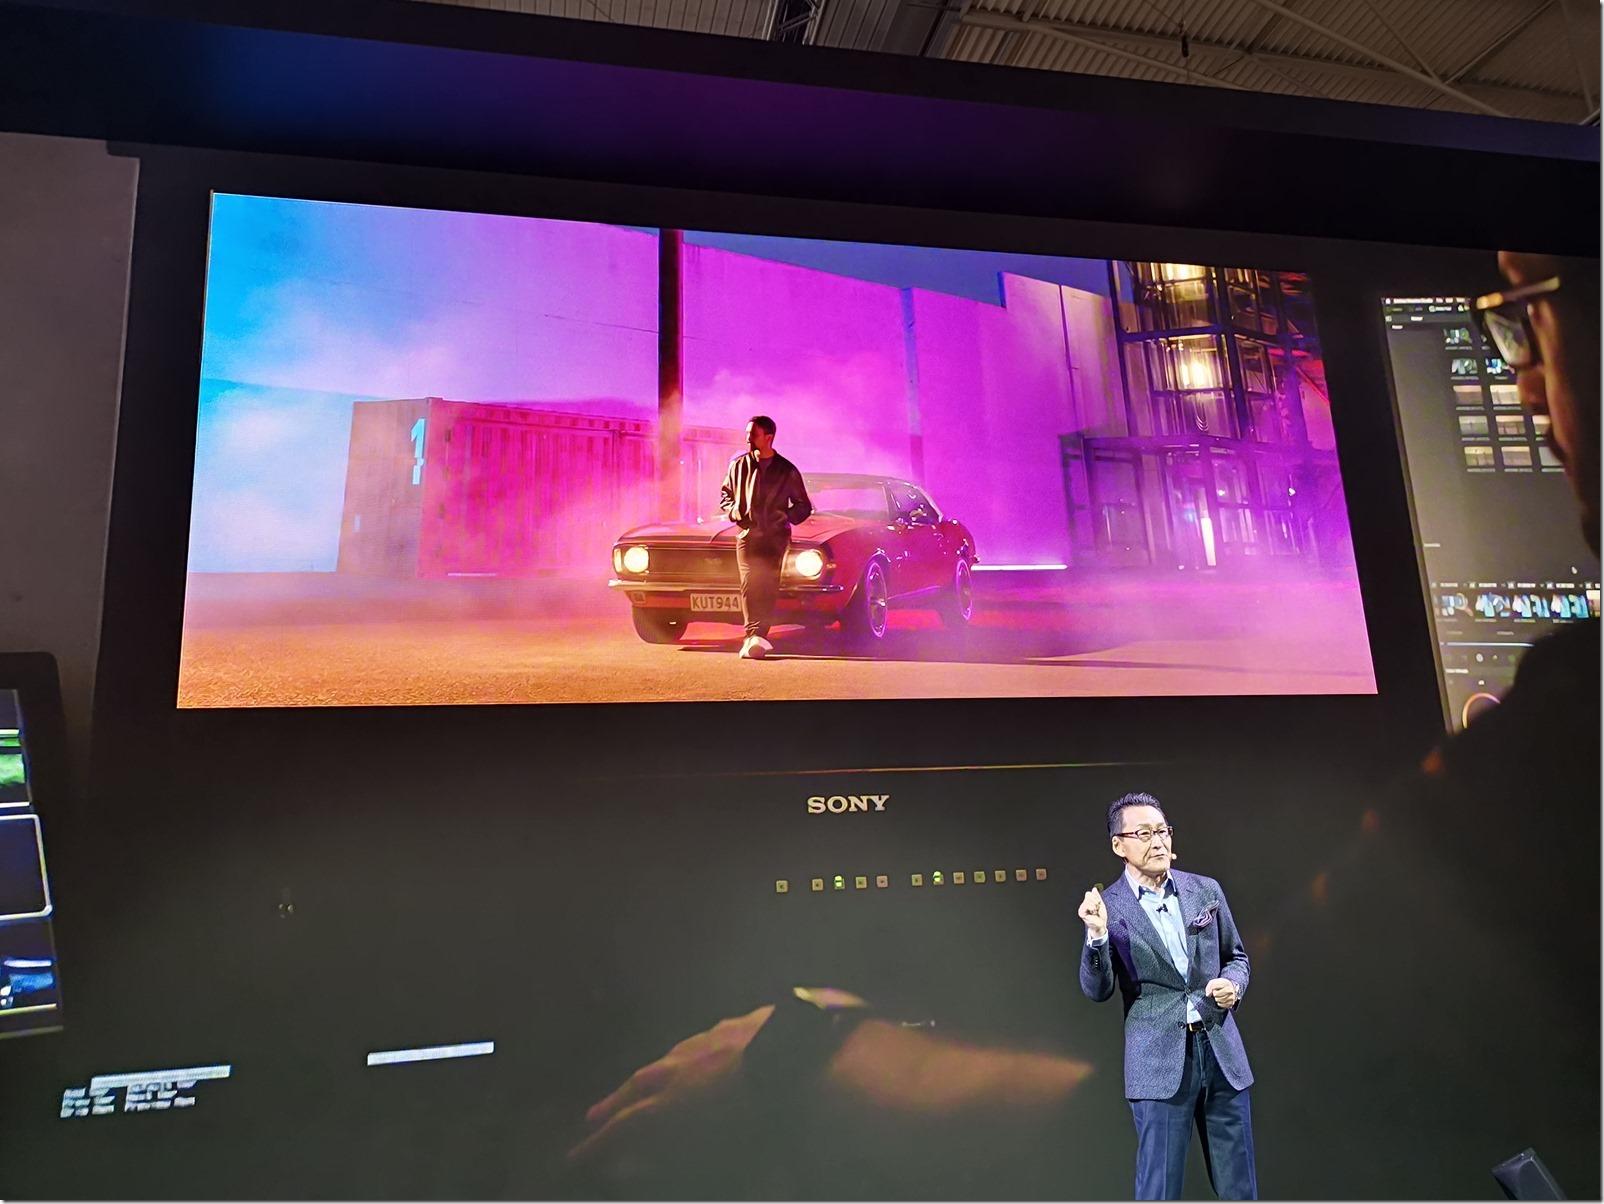 世界首款 4K OLED 手機!21:9 螢幕與三鏡頭的 Xperia 1 旗艦發表!還有側面指紋辨識回歸 @3C 達人廖阿輝